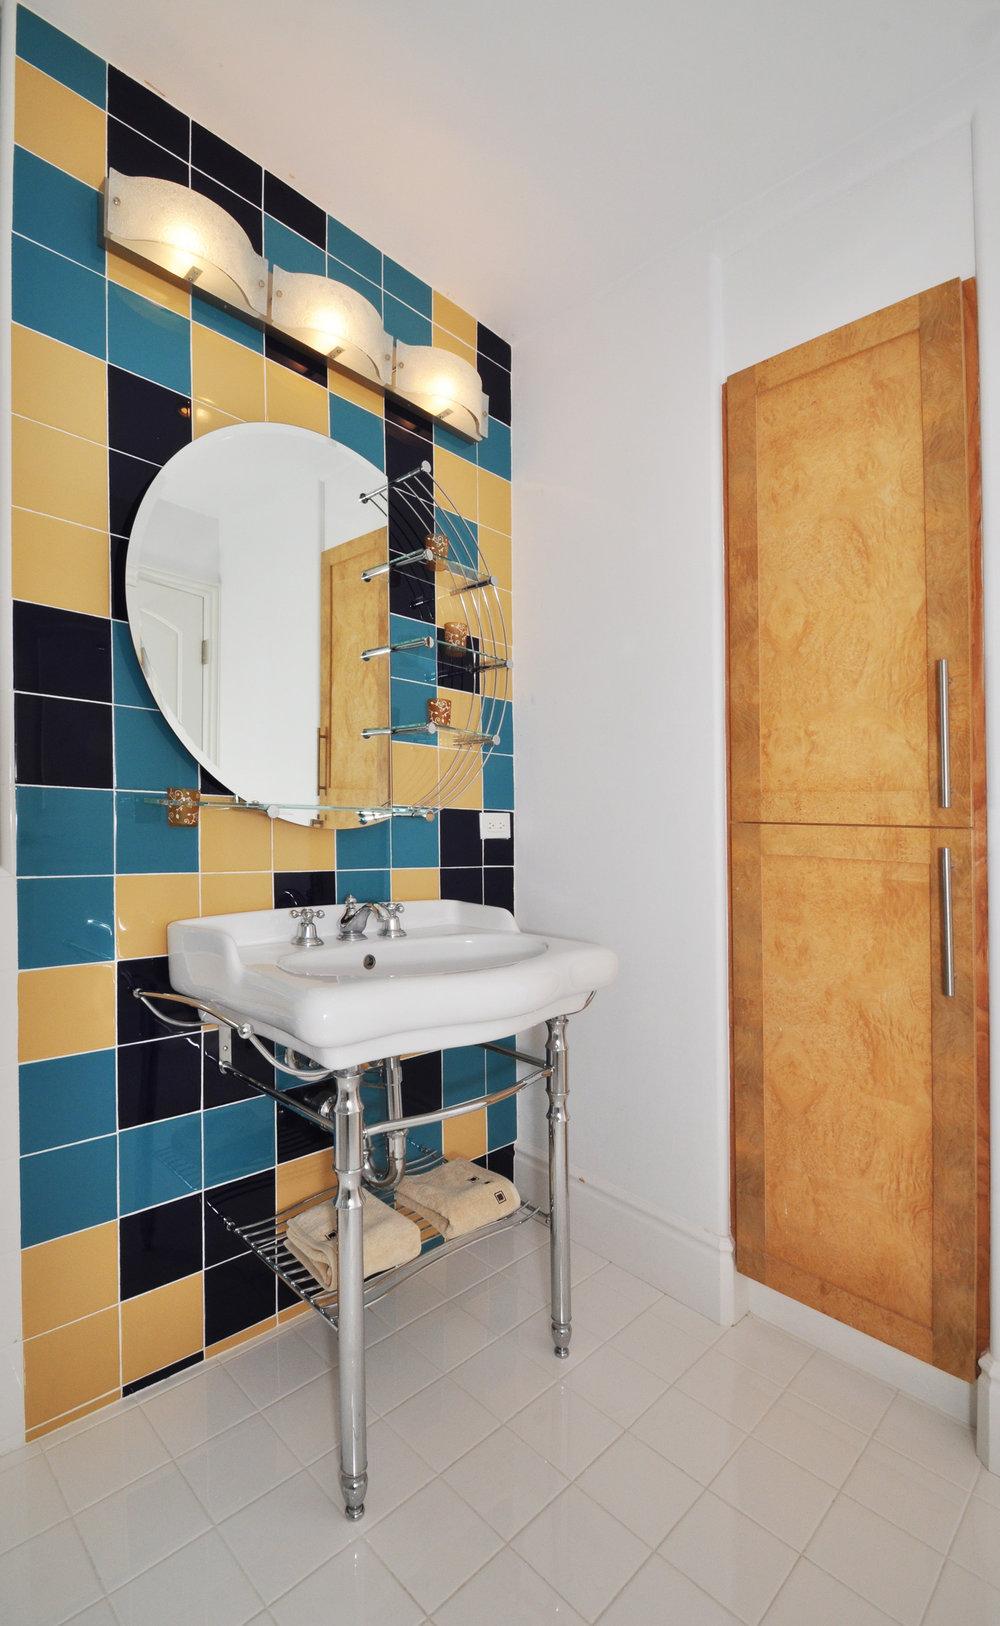 Poon_Bedrooom_Bathroom.jpg